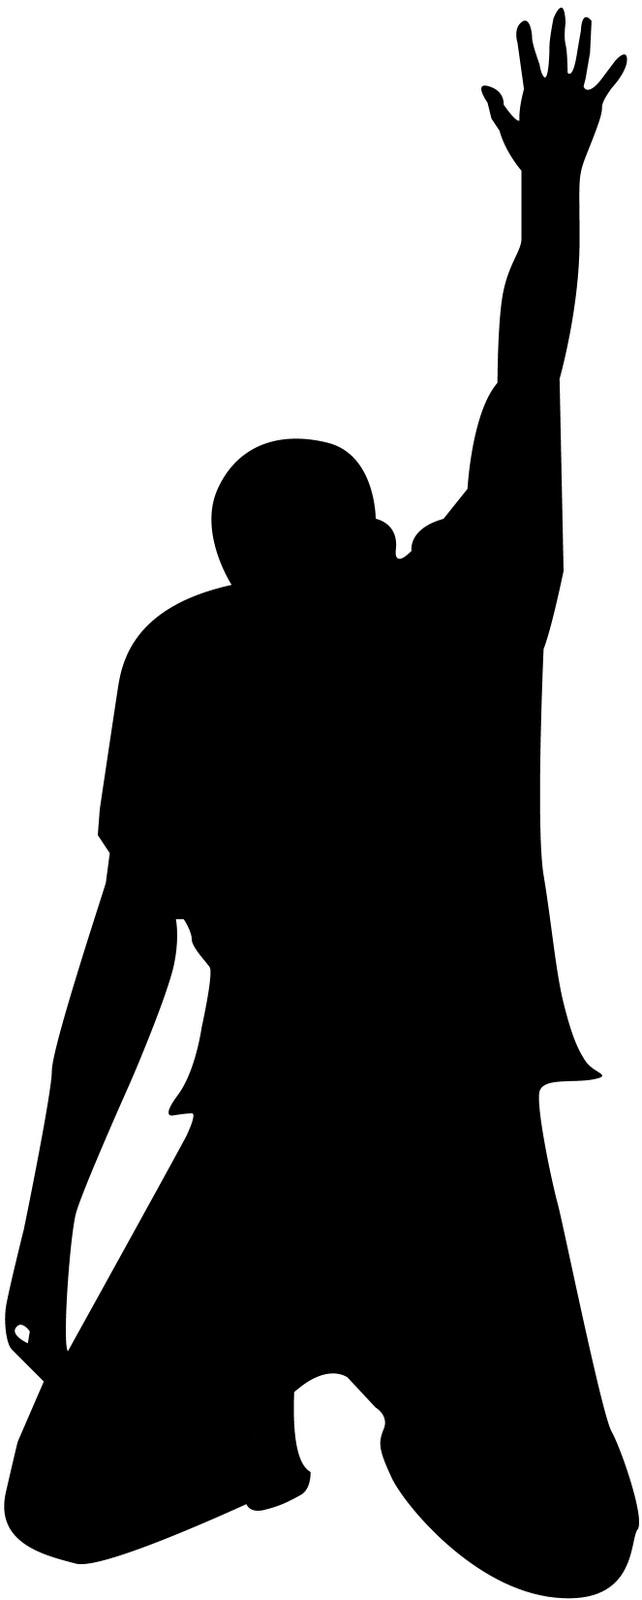 642x1600 Woman Praying Silhouette